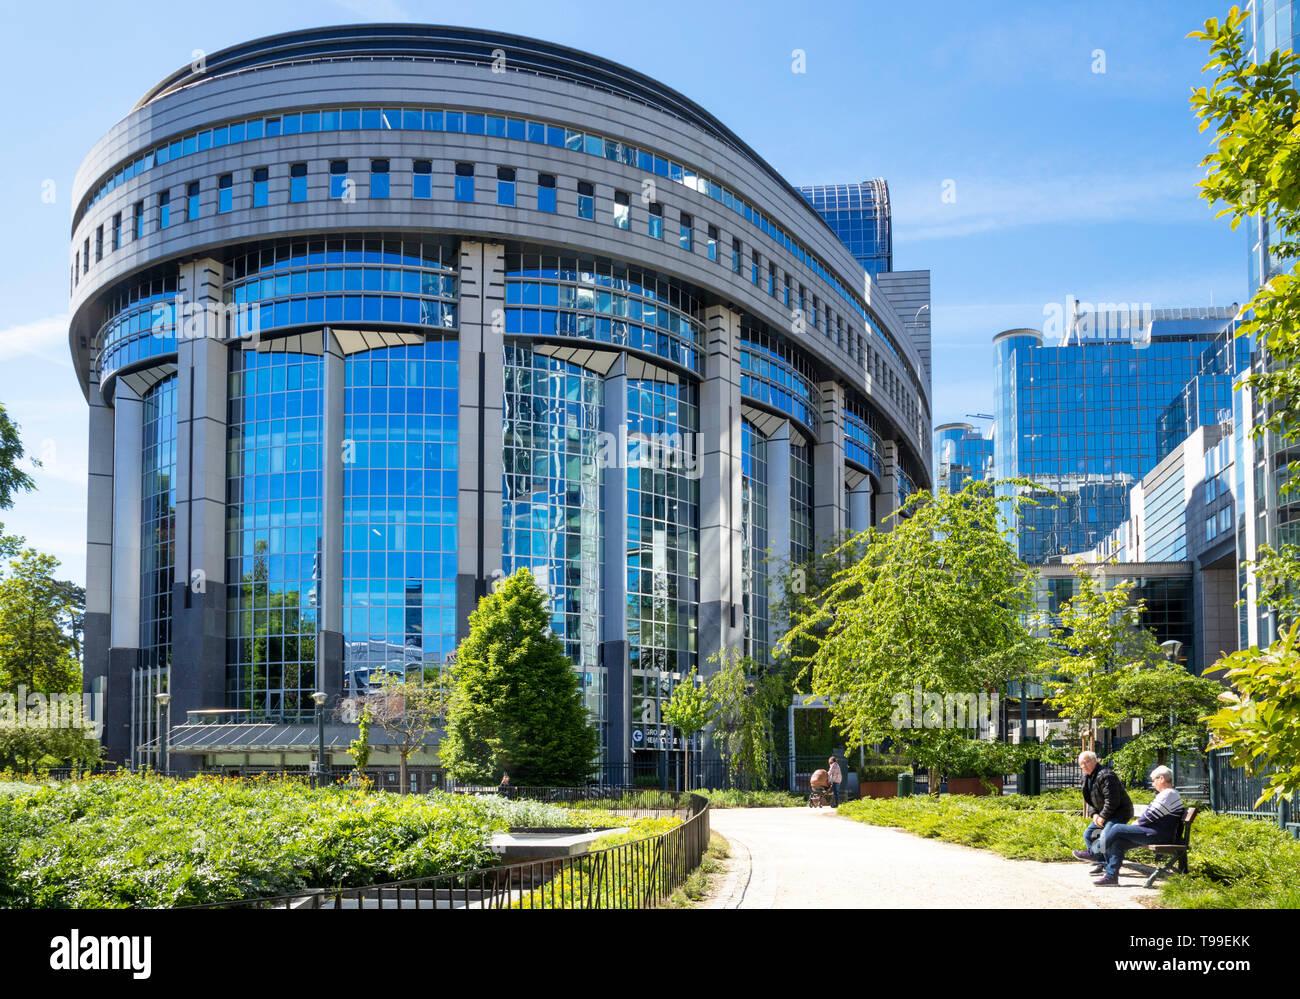 Gebäude des Europäischen Parlaments Brüssel, den Plenarsaal, EU-Parlament, Parc Leopold, Leopold Park, Brüssel, Belgien, EU, Europa Stockbild